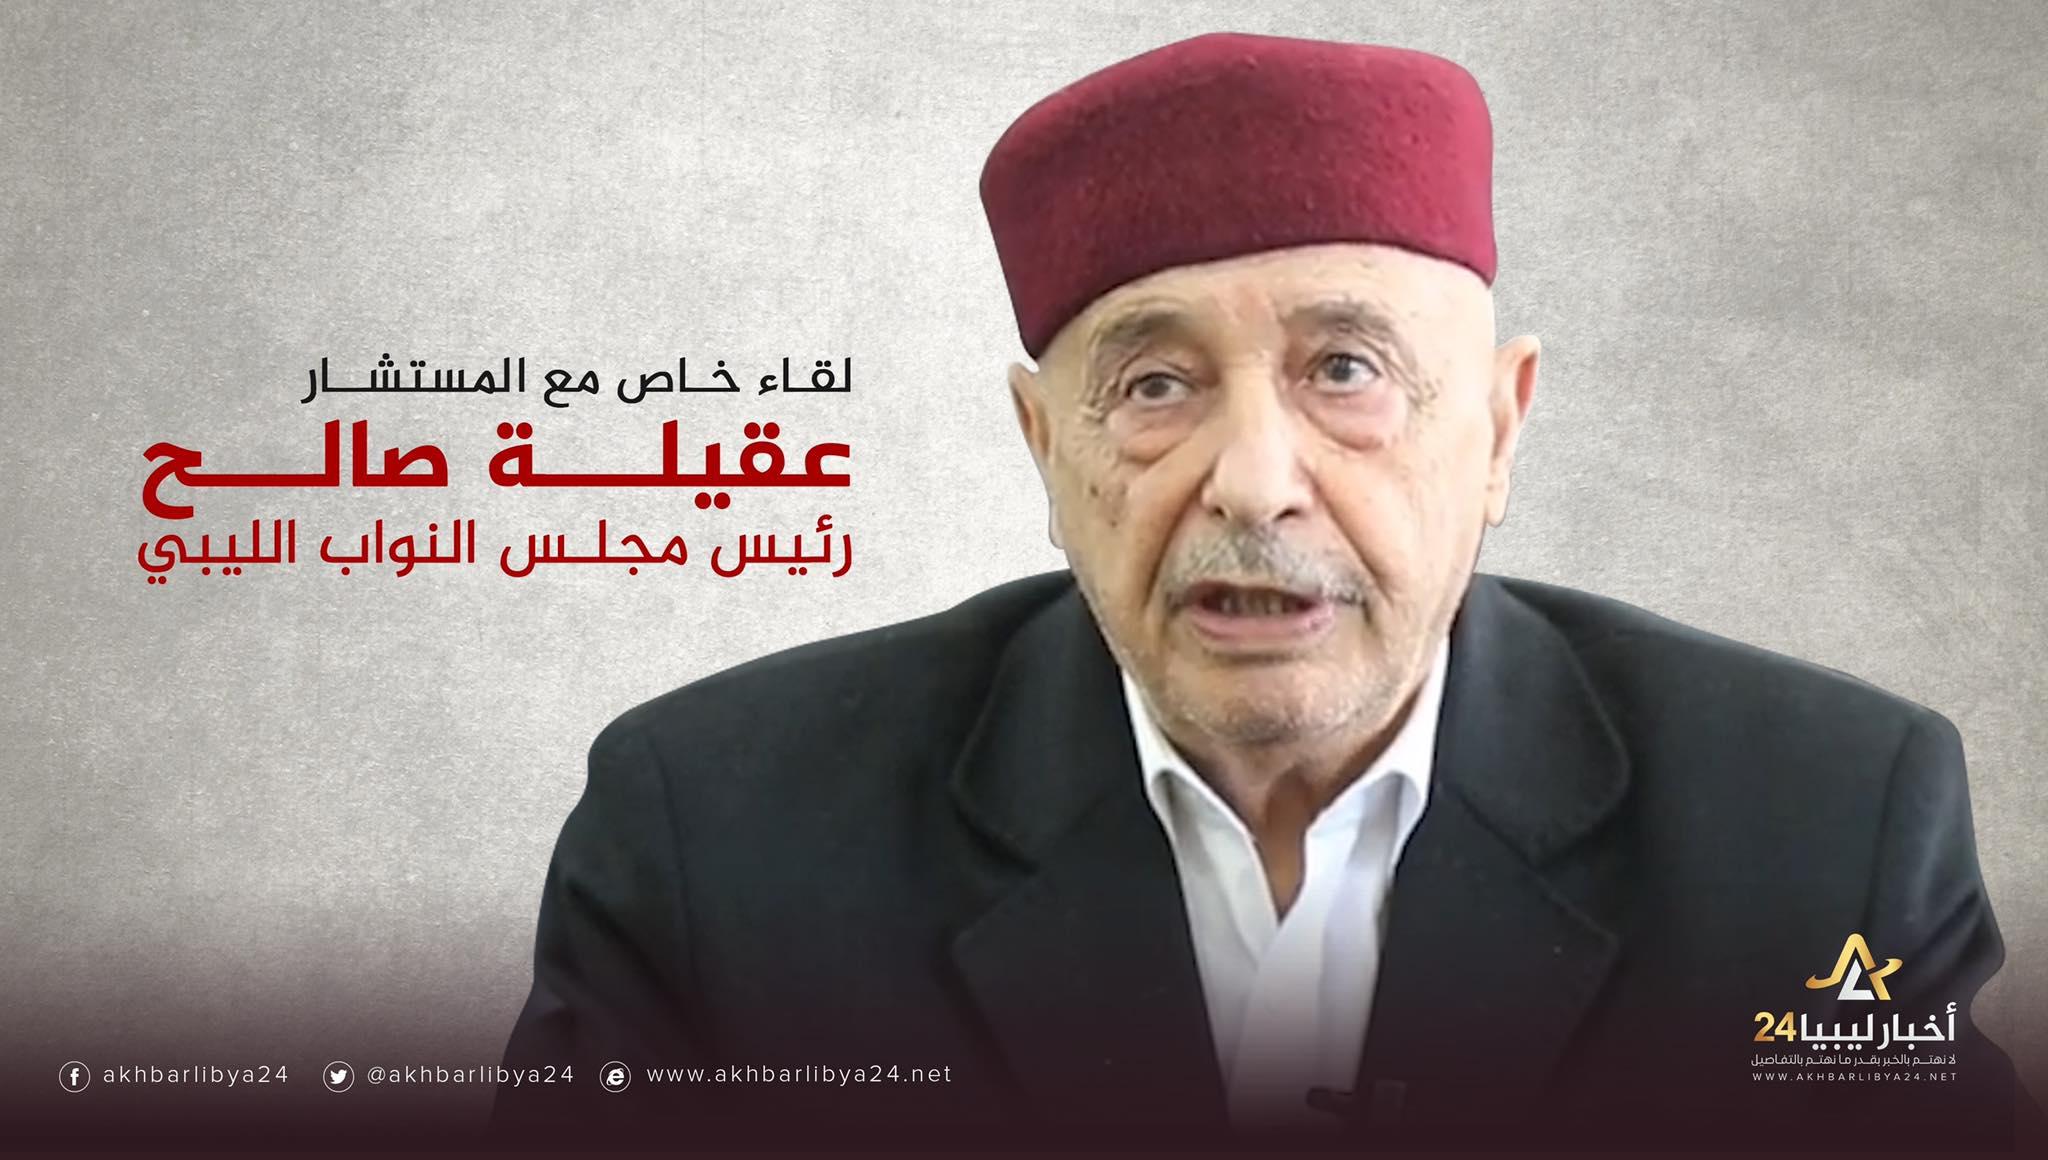 صورة عقيلة صالح: لا يوجد خلاف شخصي بيني وبين المشير حفتر ونحن على تواصل مستمر